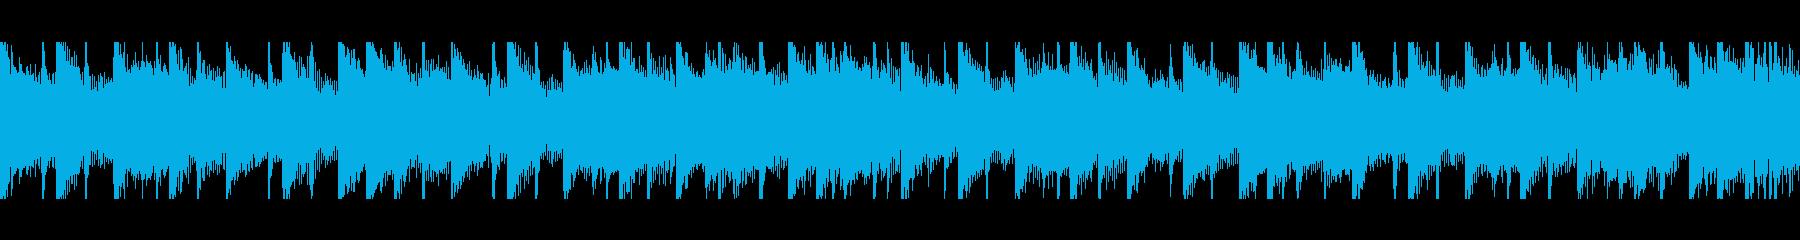 中東アラビア音楽(ループ)の再生済みの波形